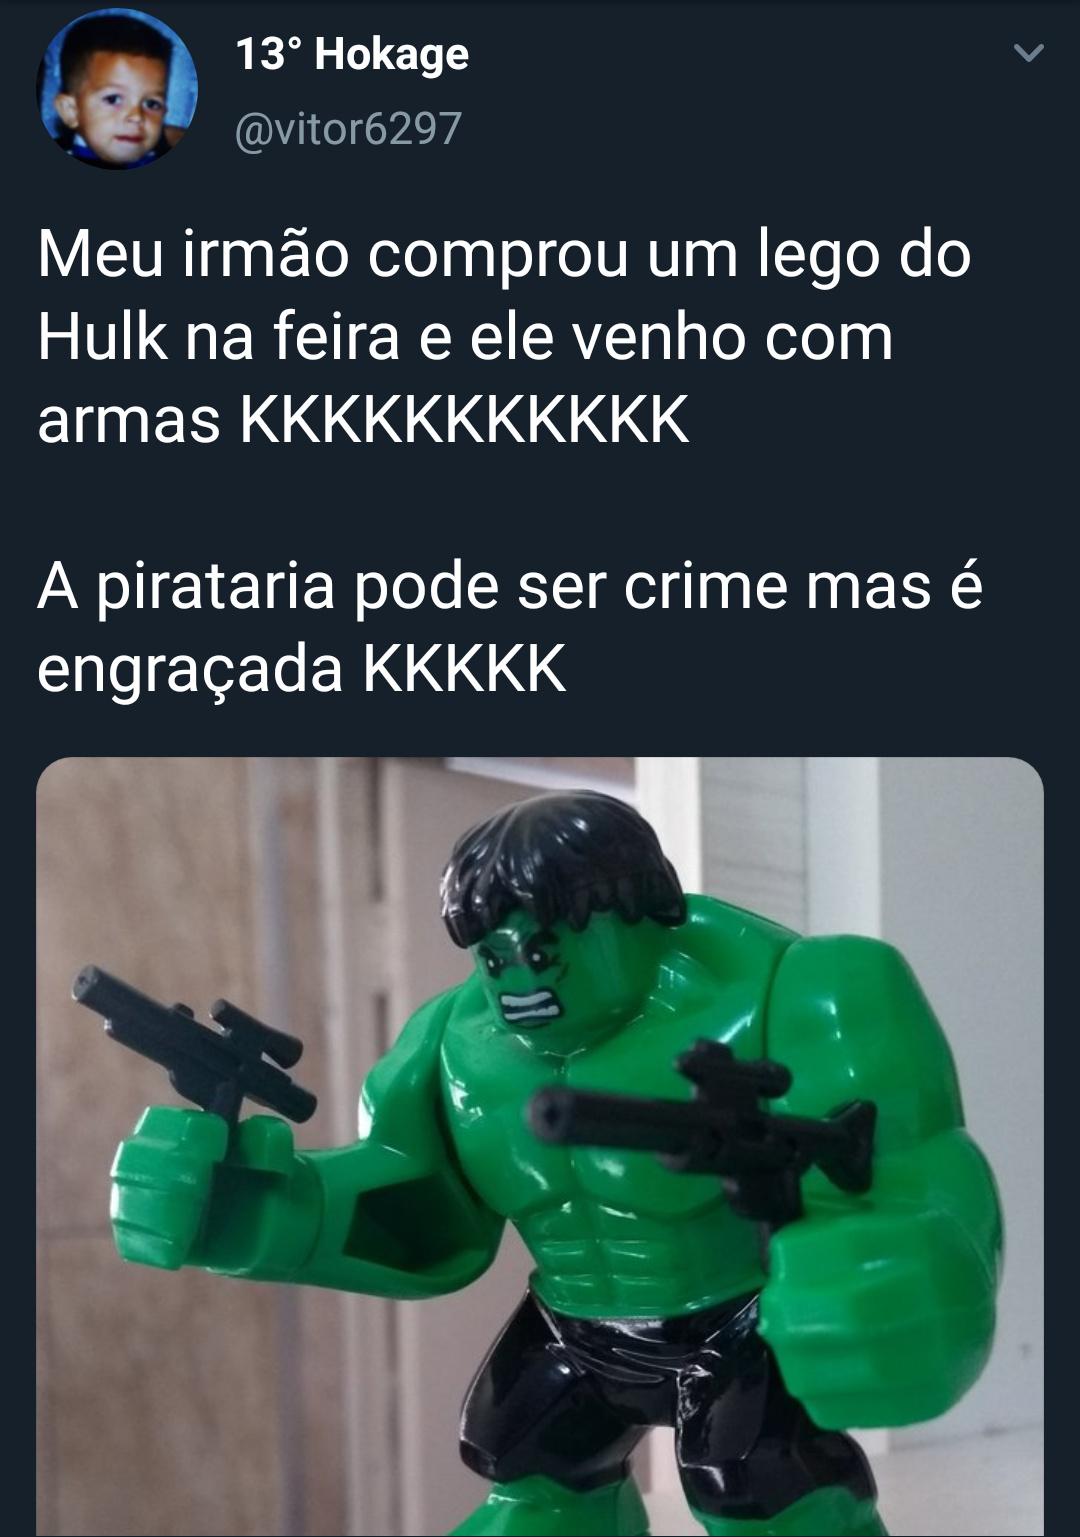 KKKKKKKKKK - meme